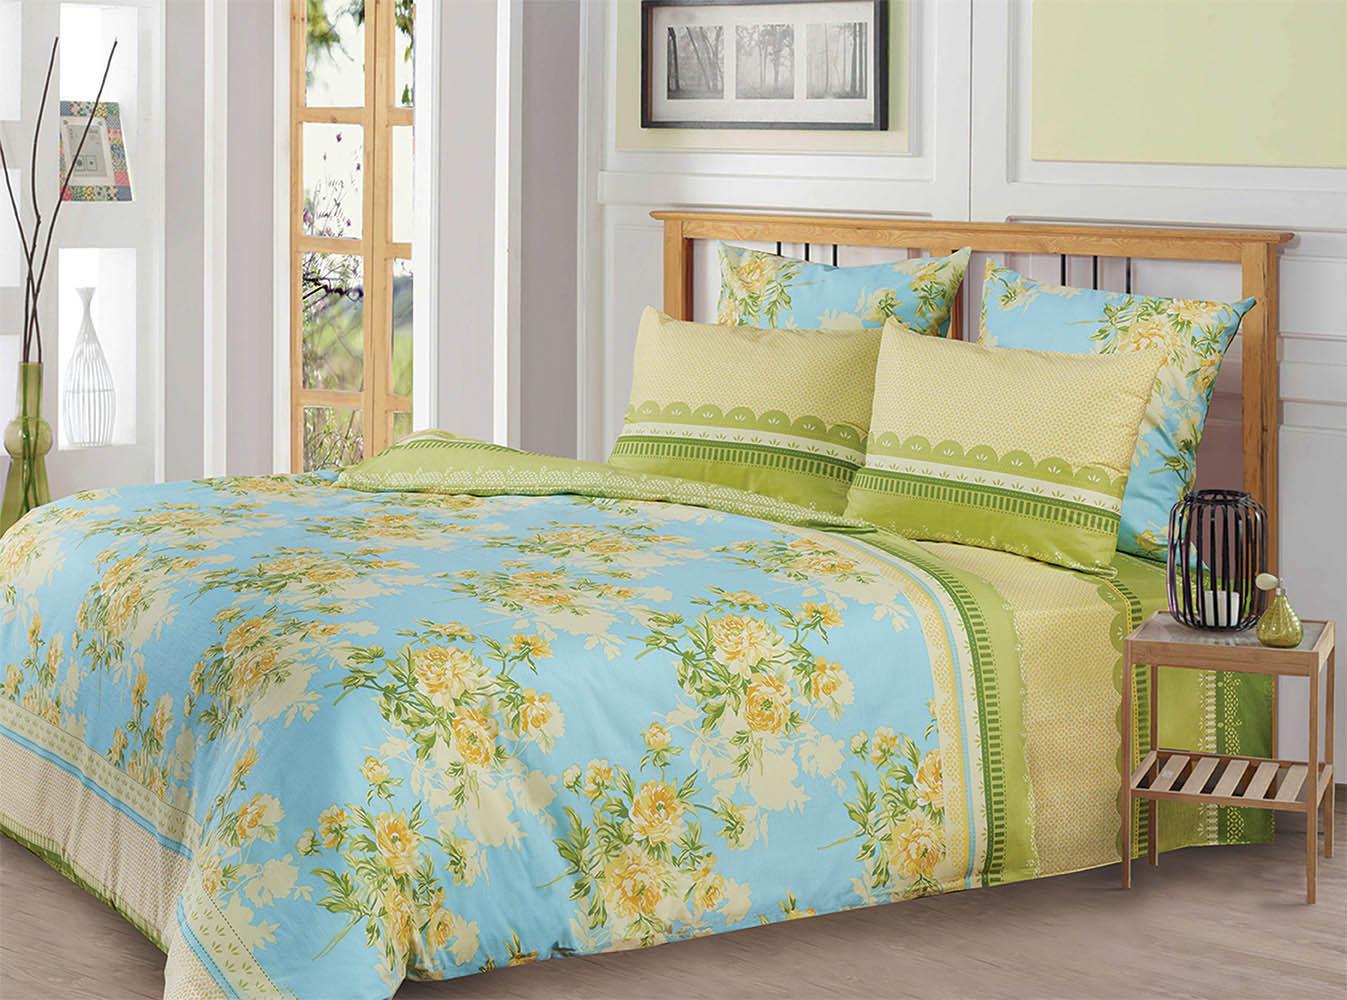 Постельное белье Primavelle Постельное белье Самтайм (2 сп. евро) постельное белье иматекс постельное белье евро